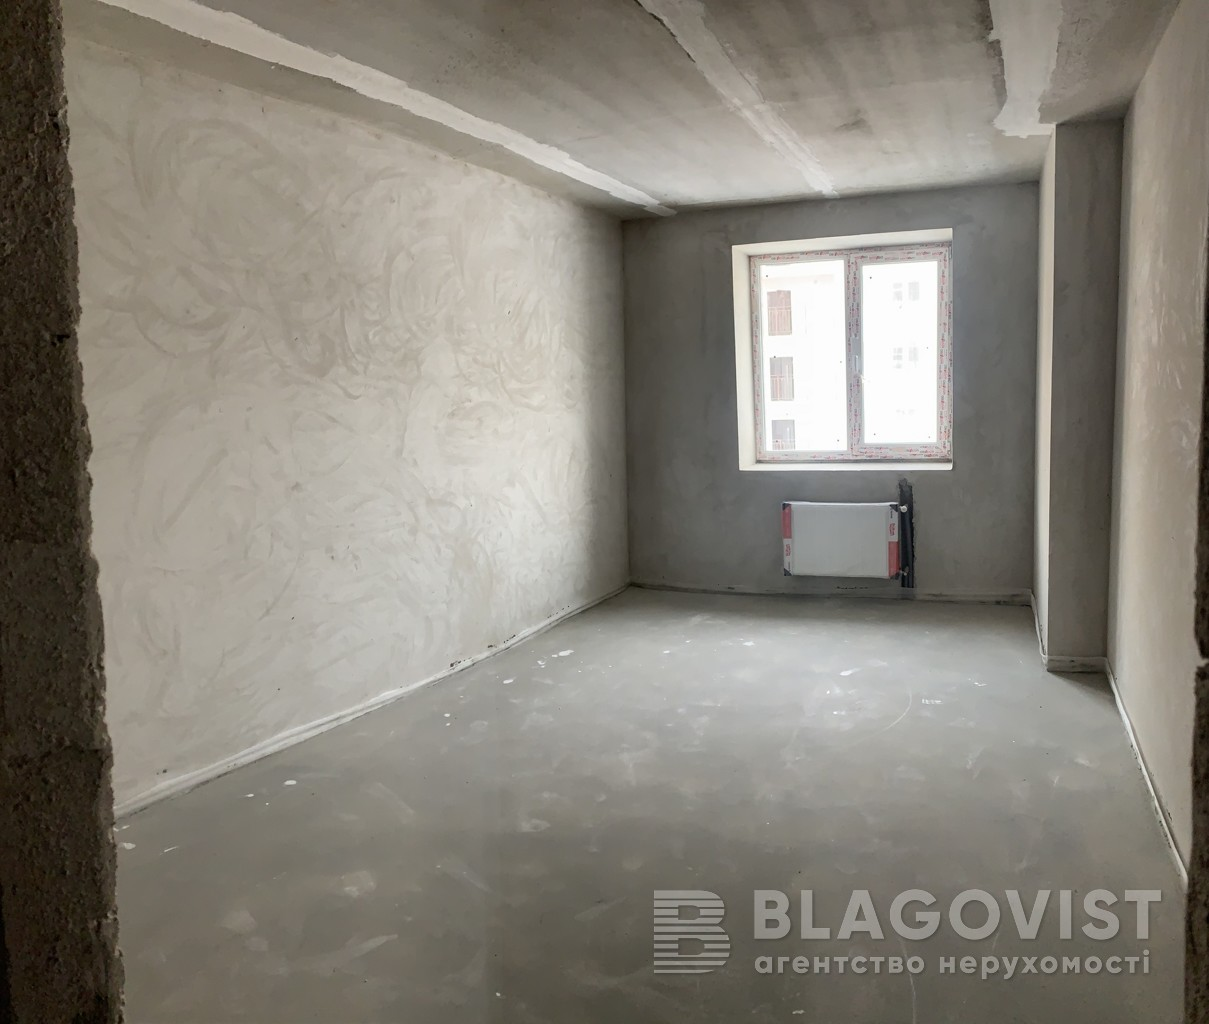 Квартира F-44484, Машиностроителей, 27, Вишневое (Киево-Святошинский) - Фото 4